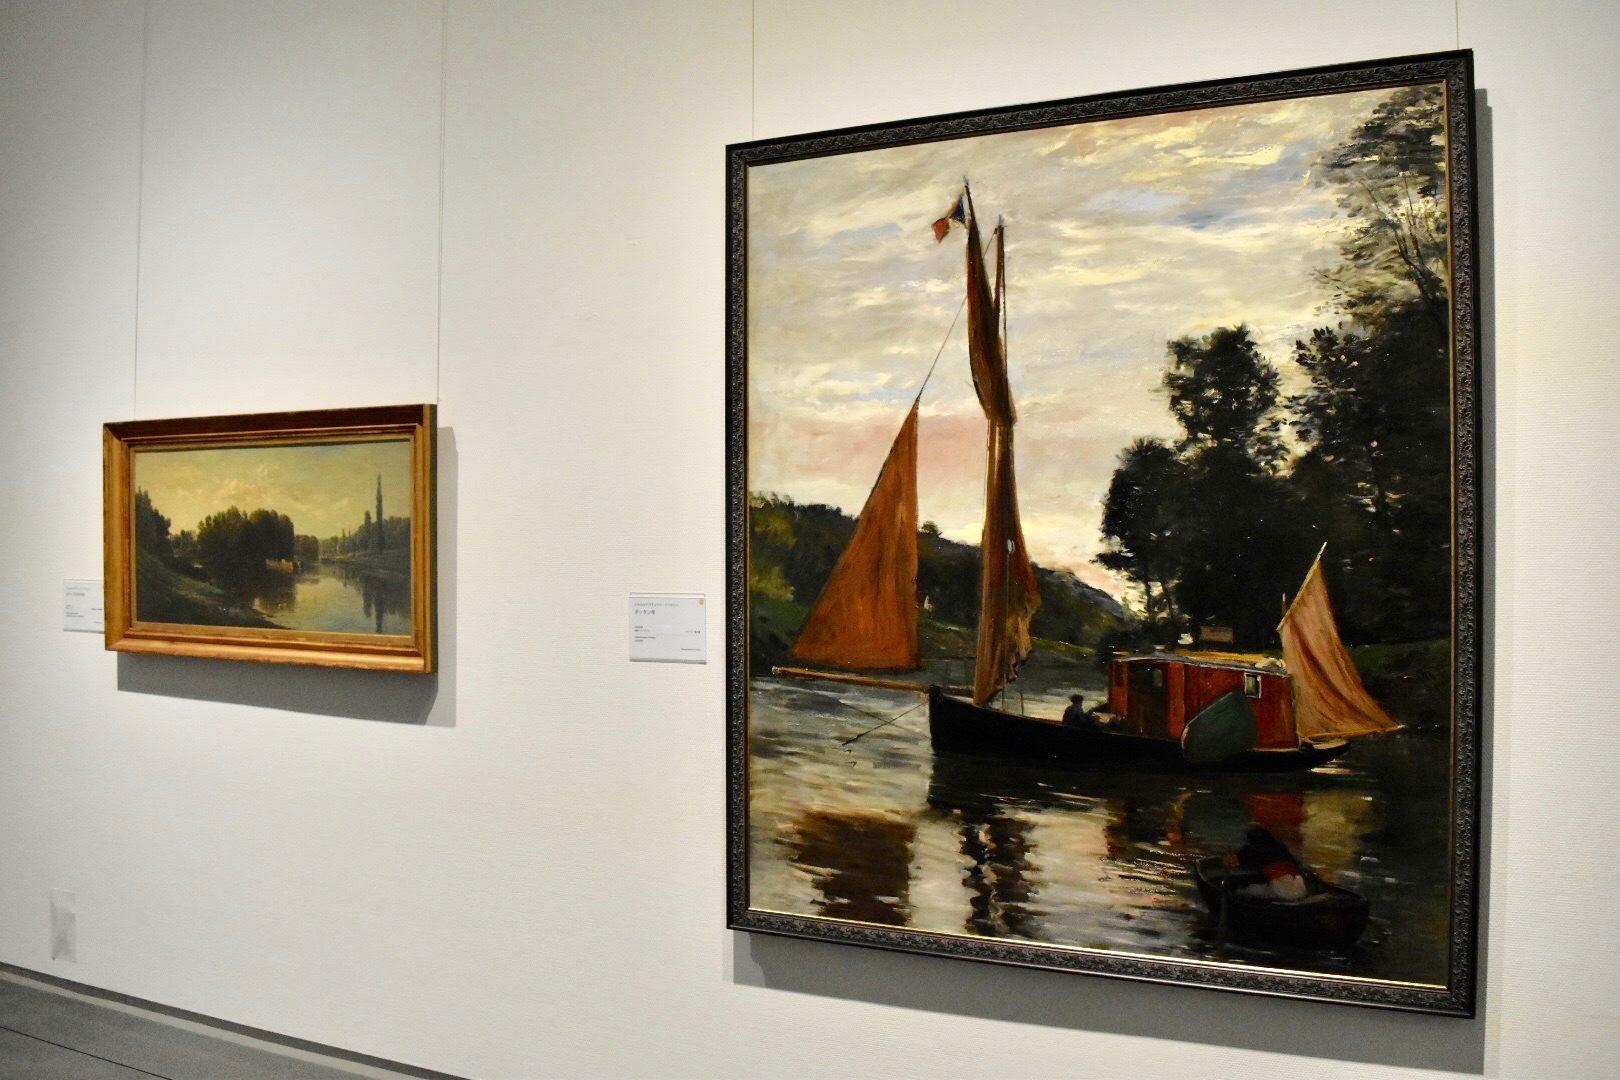 右:シャルル=フランソワ・ドービニー 《ボッタン号》 1869年頃 個人蔵 左奥:同画家 《オワーズ川の中州》 1860年頃 公益財団法人村内美術館蔵